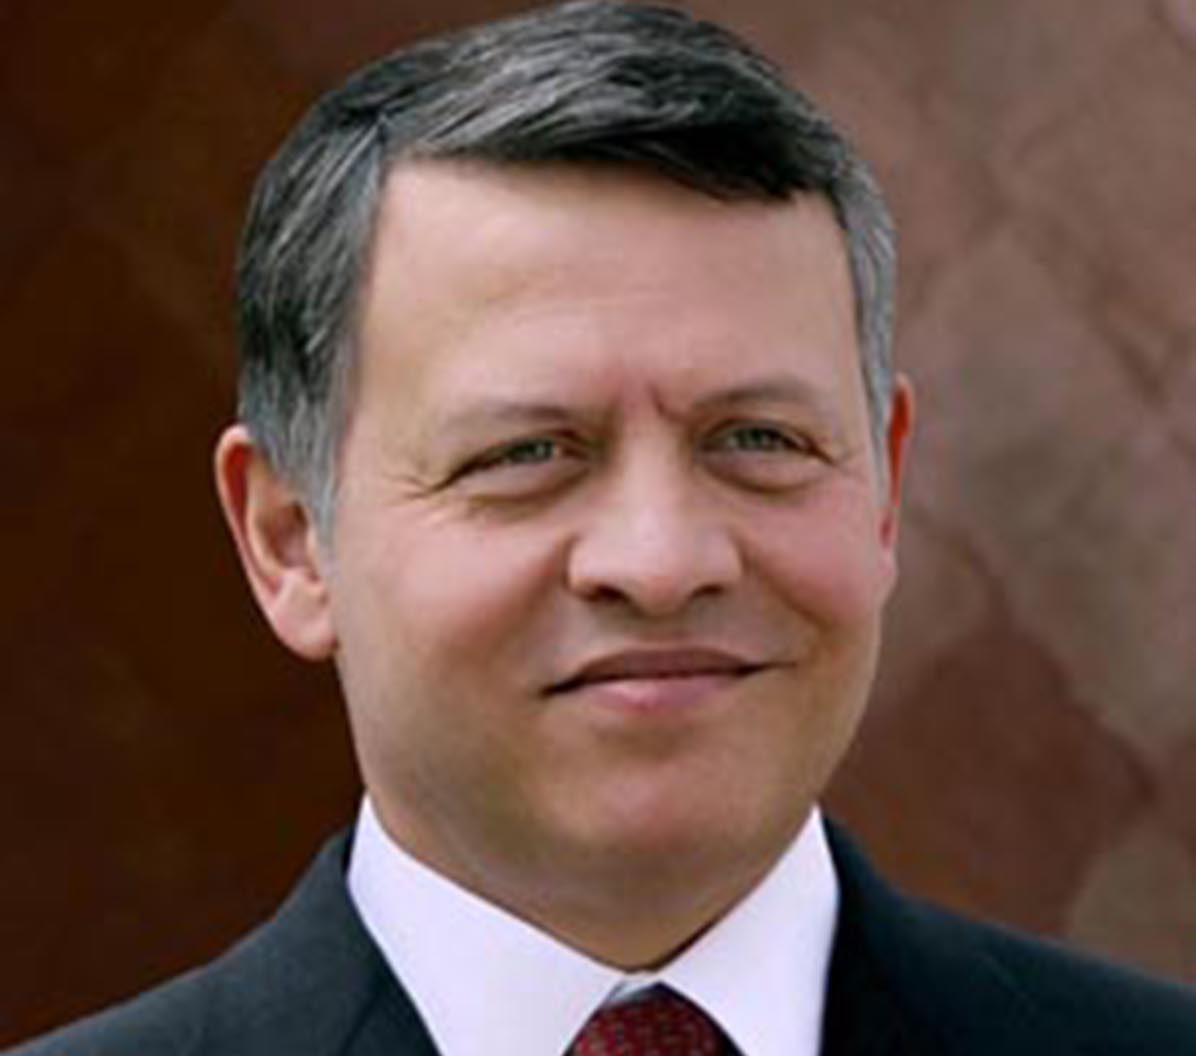 الملك يهنئ رئيسة وزراء نيوزيلندا بفوز حزبها في الانتخابات